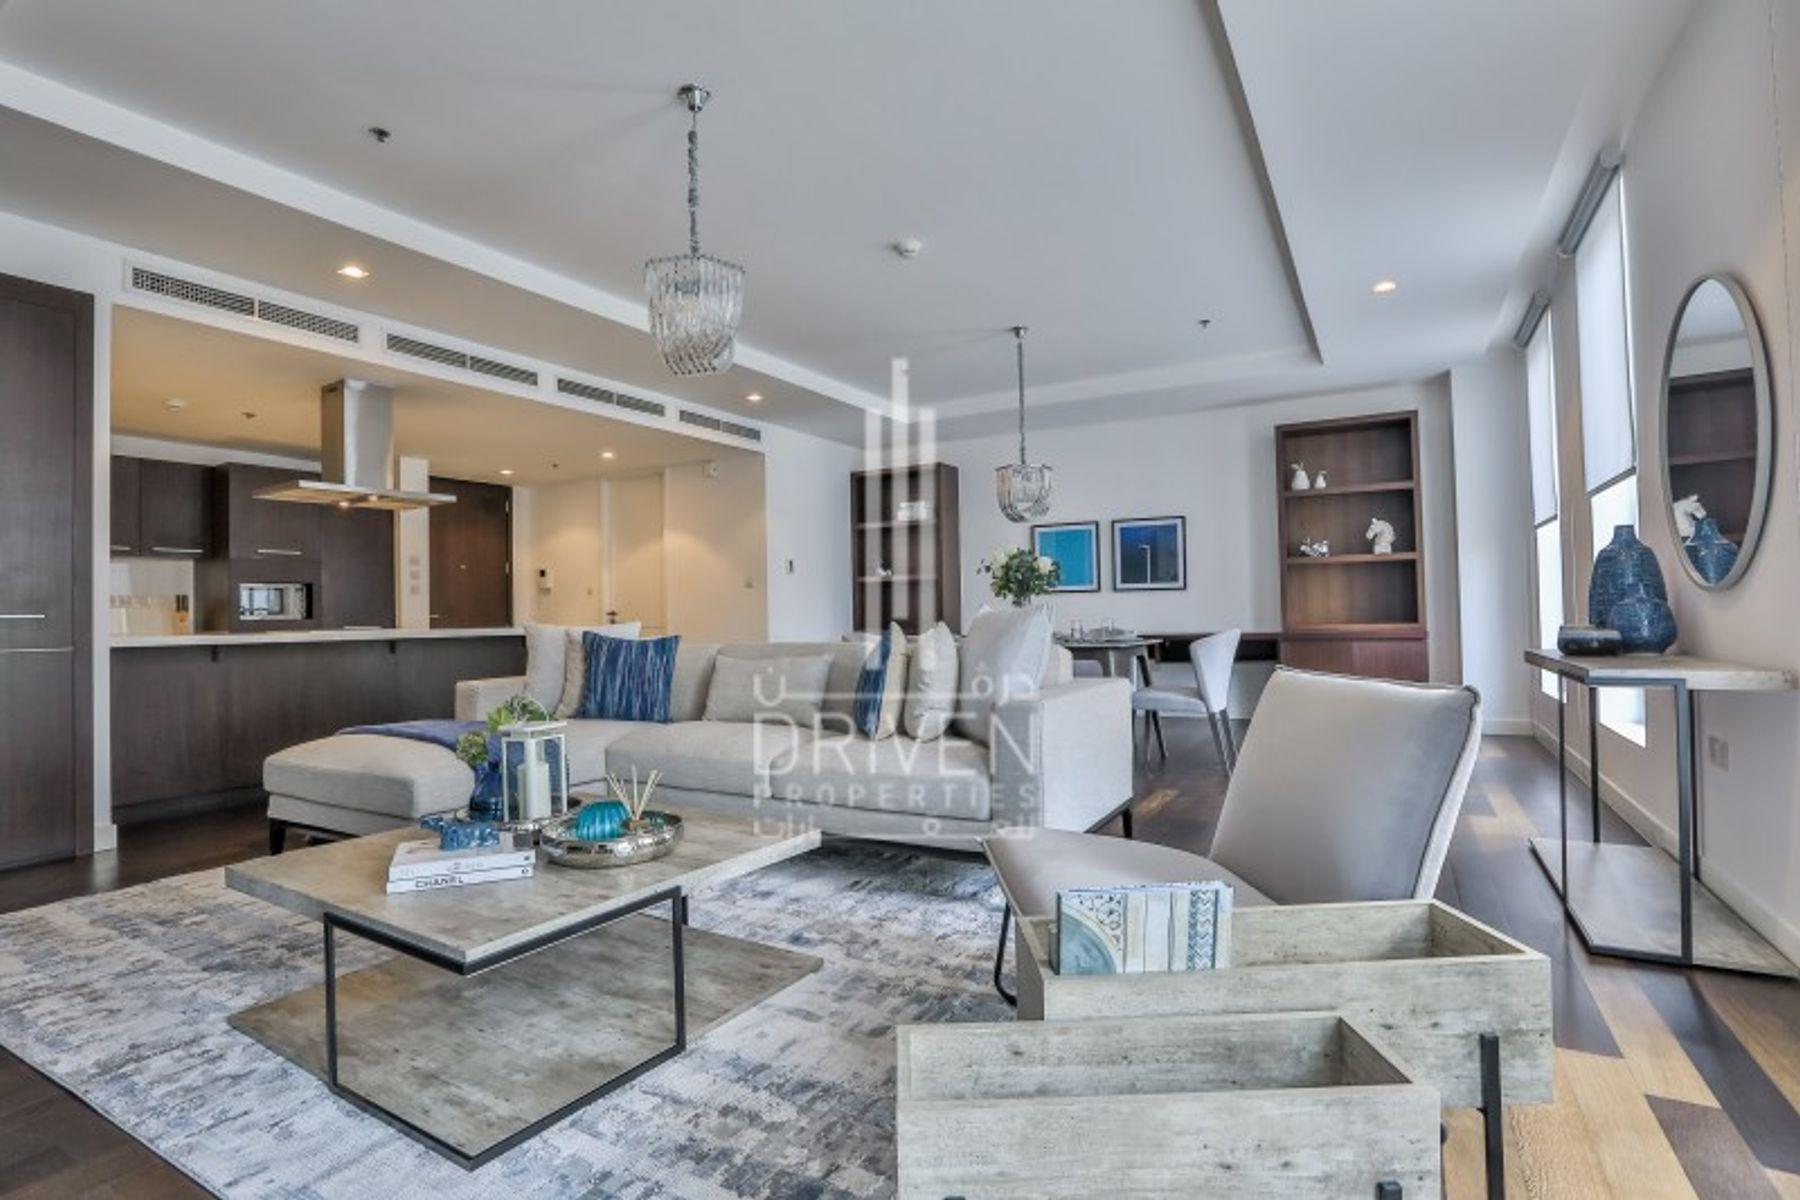 للبيع - شقة - لايم ستون هاوس - مركز دبي المالي العالمي